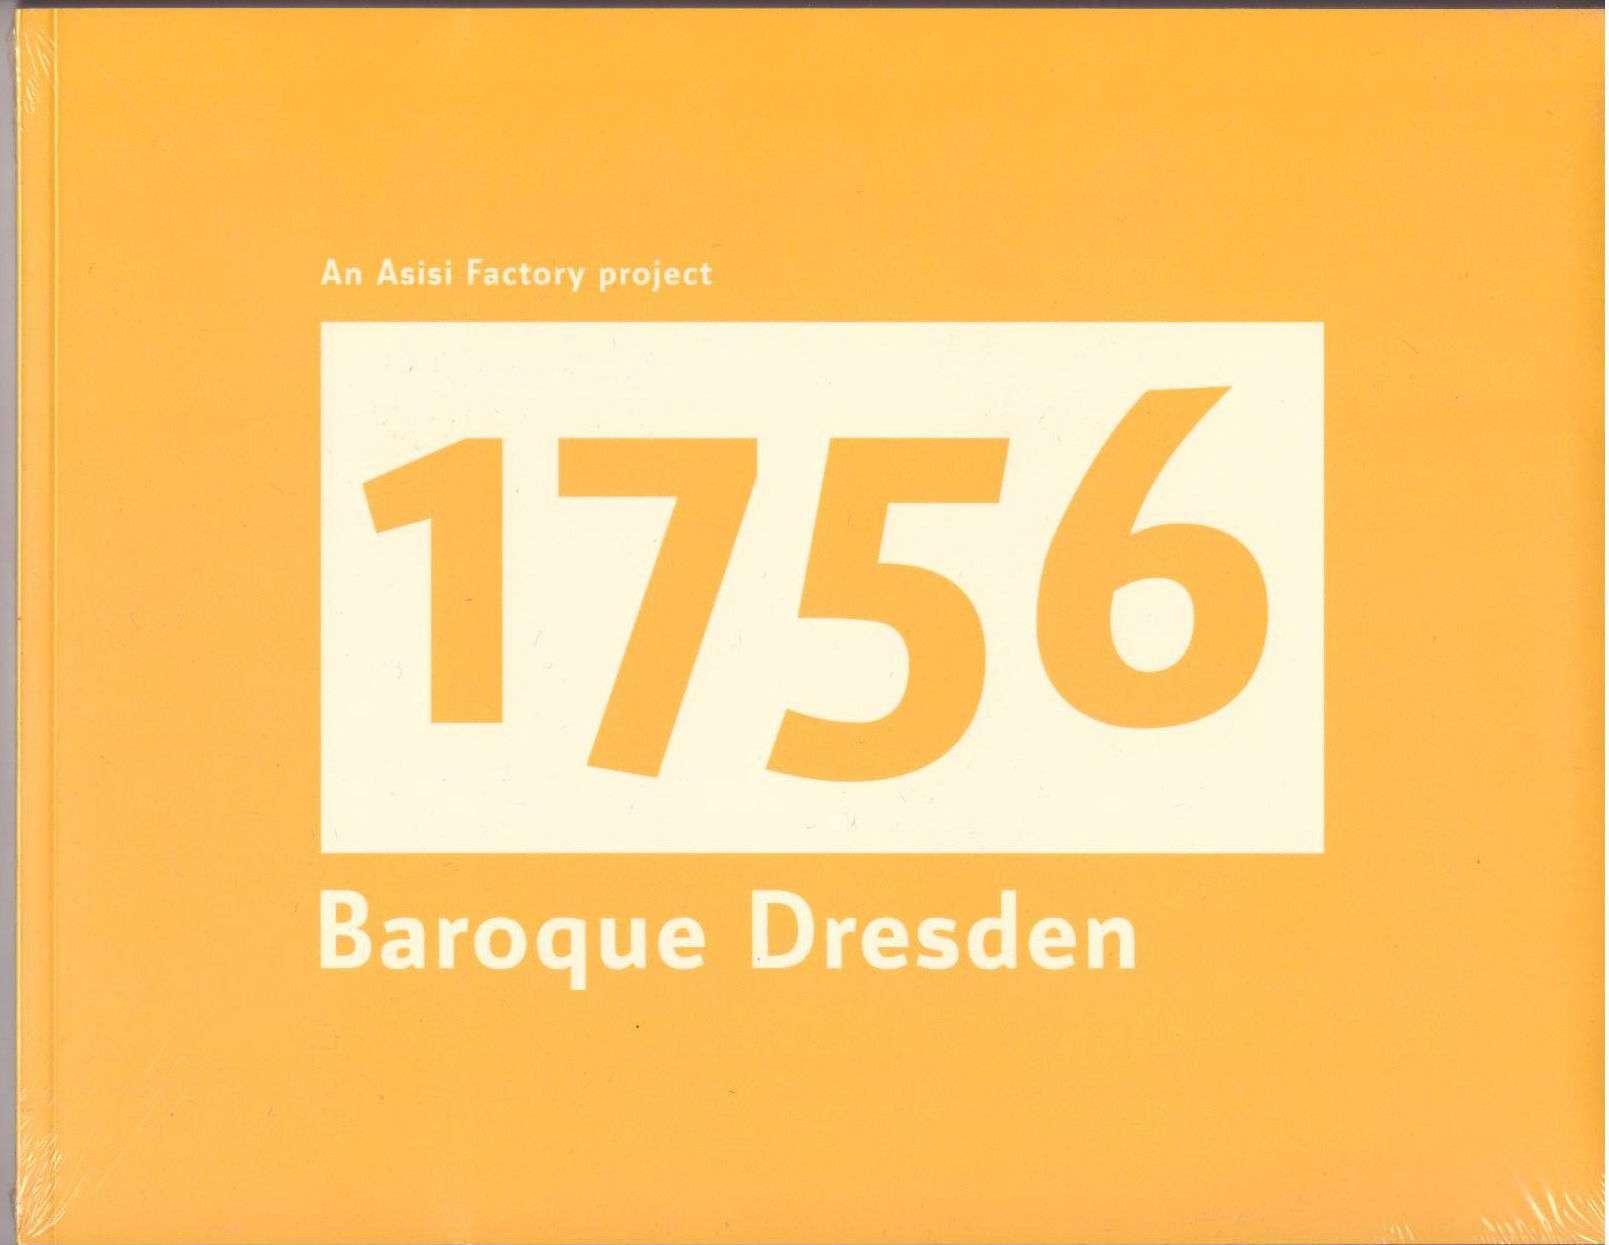 1756 Baroque Dresden, Asisi Factory